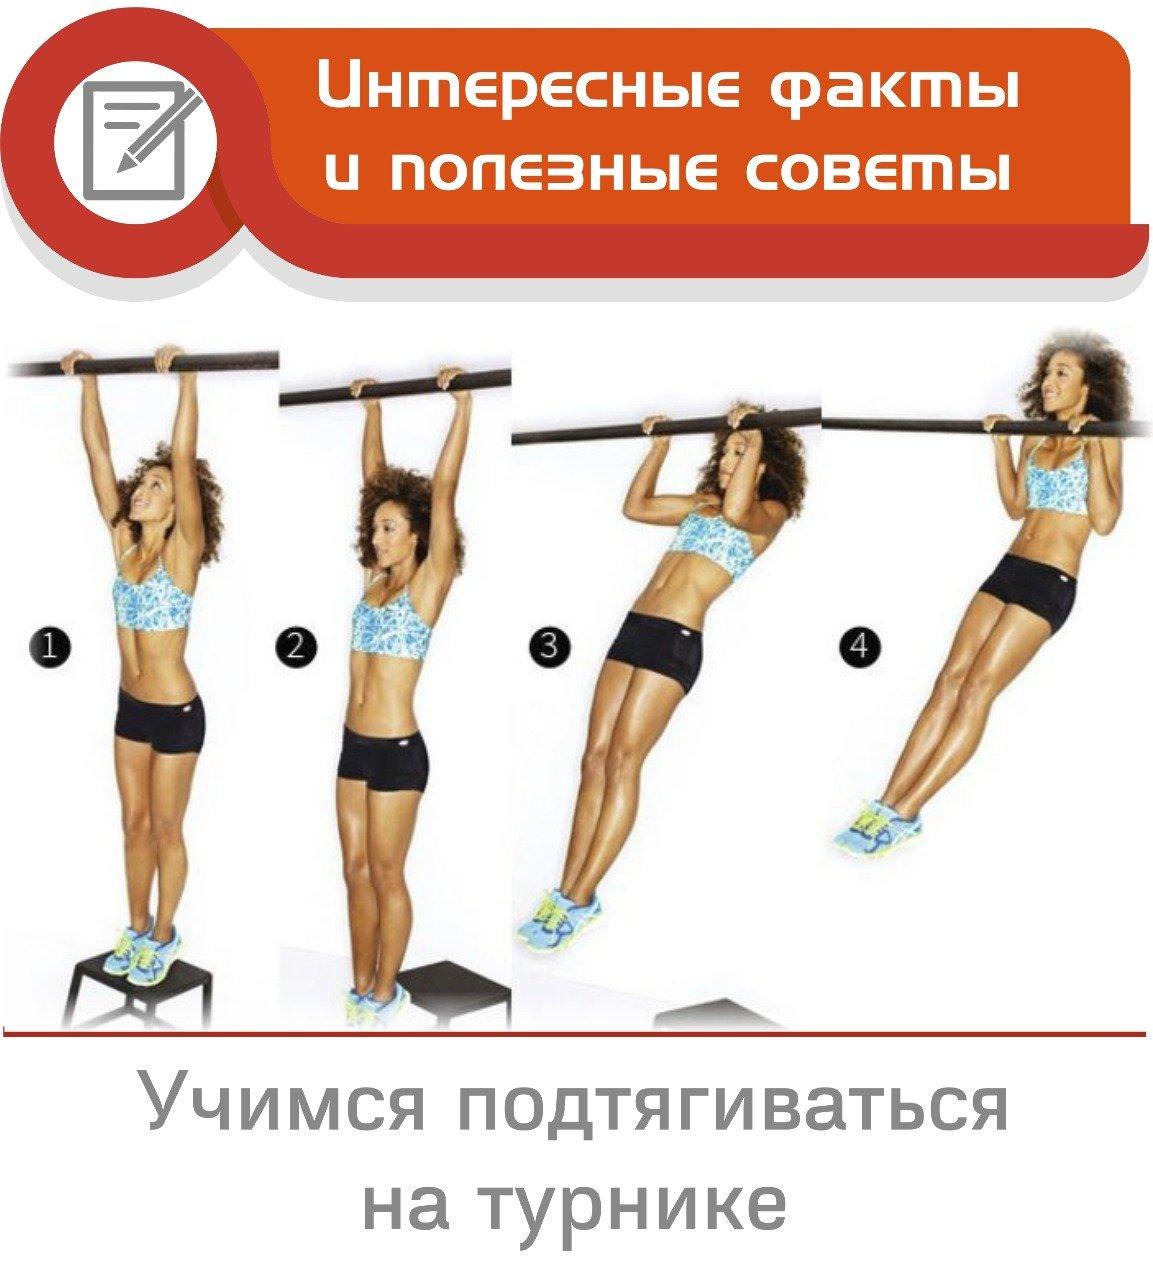 Как научиться подтягиваться на турнике с нуля: схема тренировок, полезные рекомендации - tony.ru